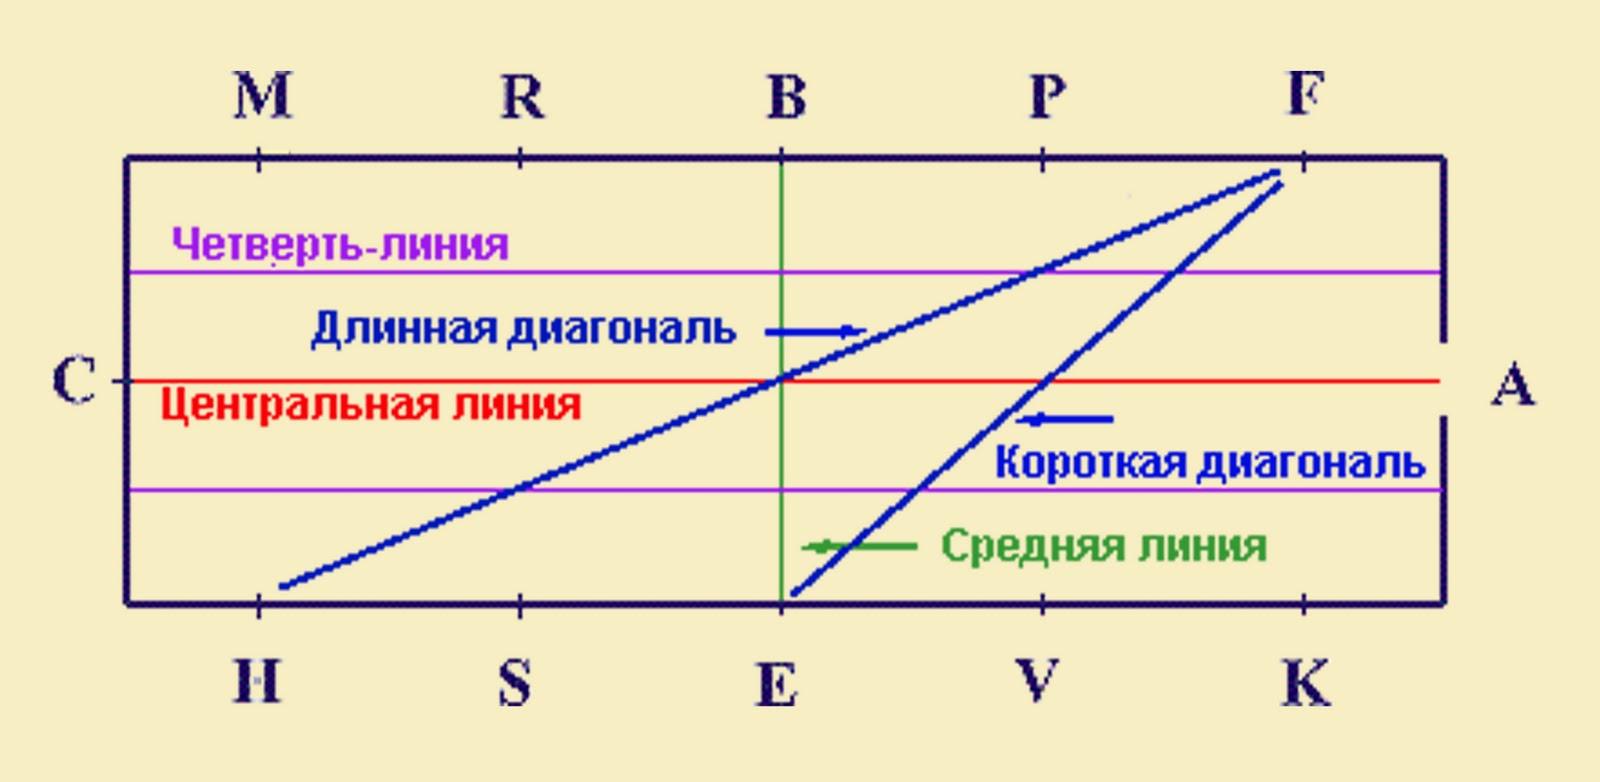 Схема букв в манеже для выездки